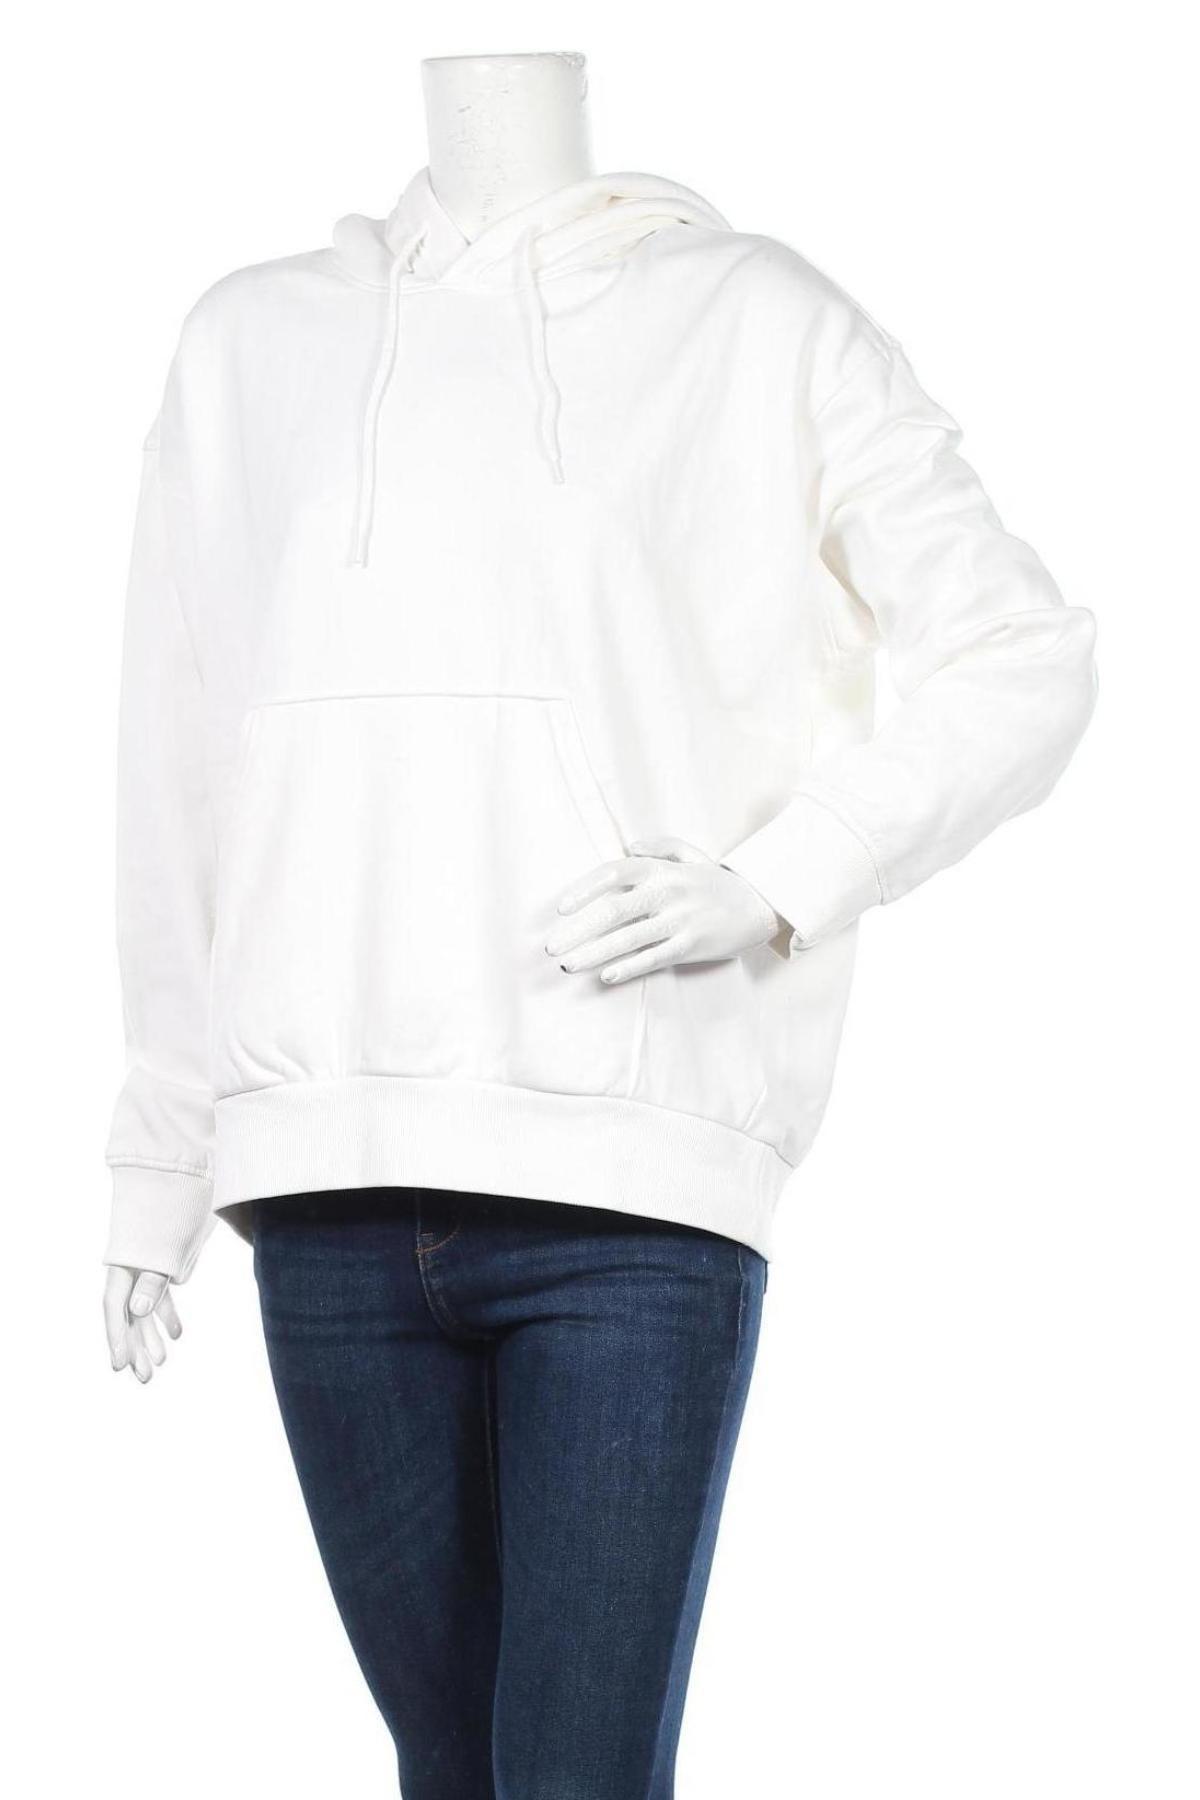 Дамски суичър Weekday, Размер S, Цвят Бял, 80% памук, 20% полиестер, Цена 26,55лв.